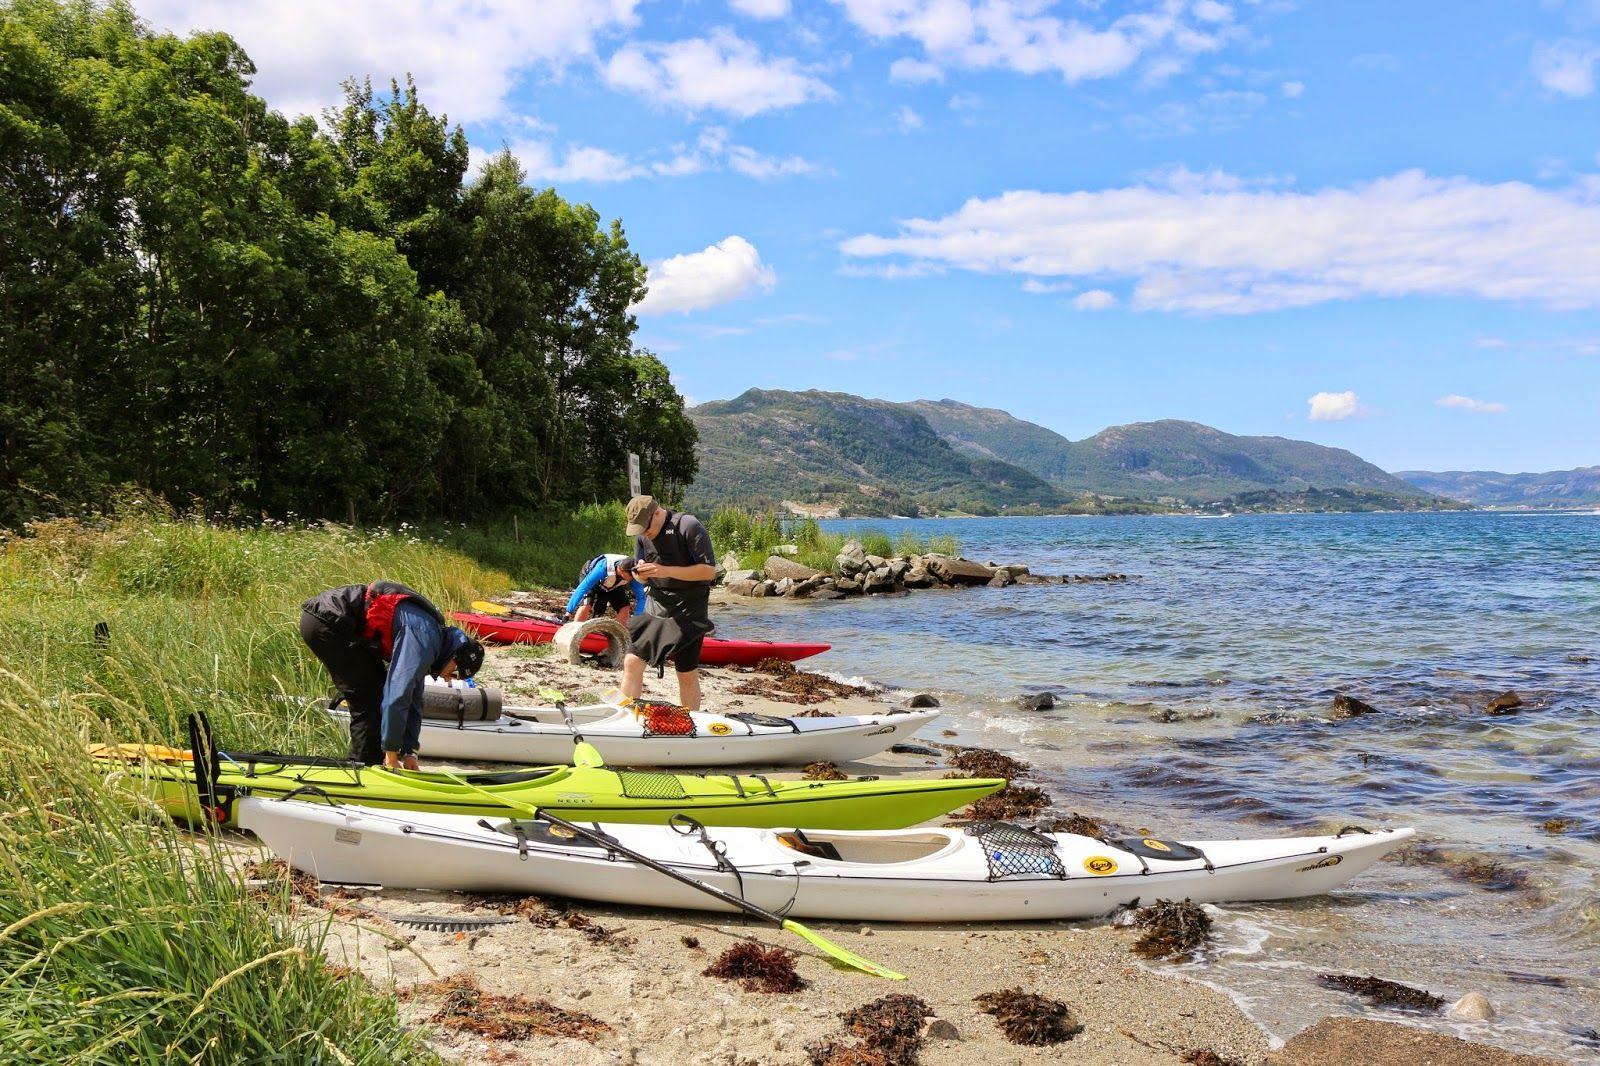 Lysefjorden+Kajakk+090.JPG 1600 × 1066 bildepunkter